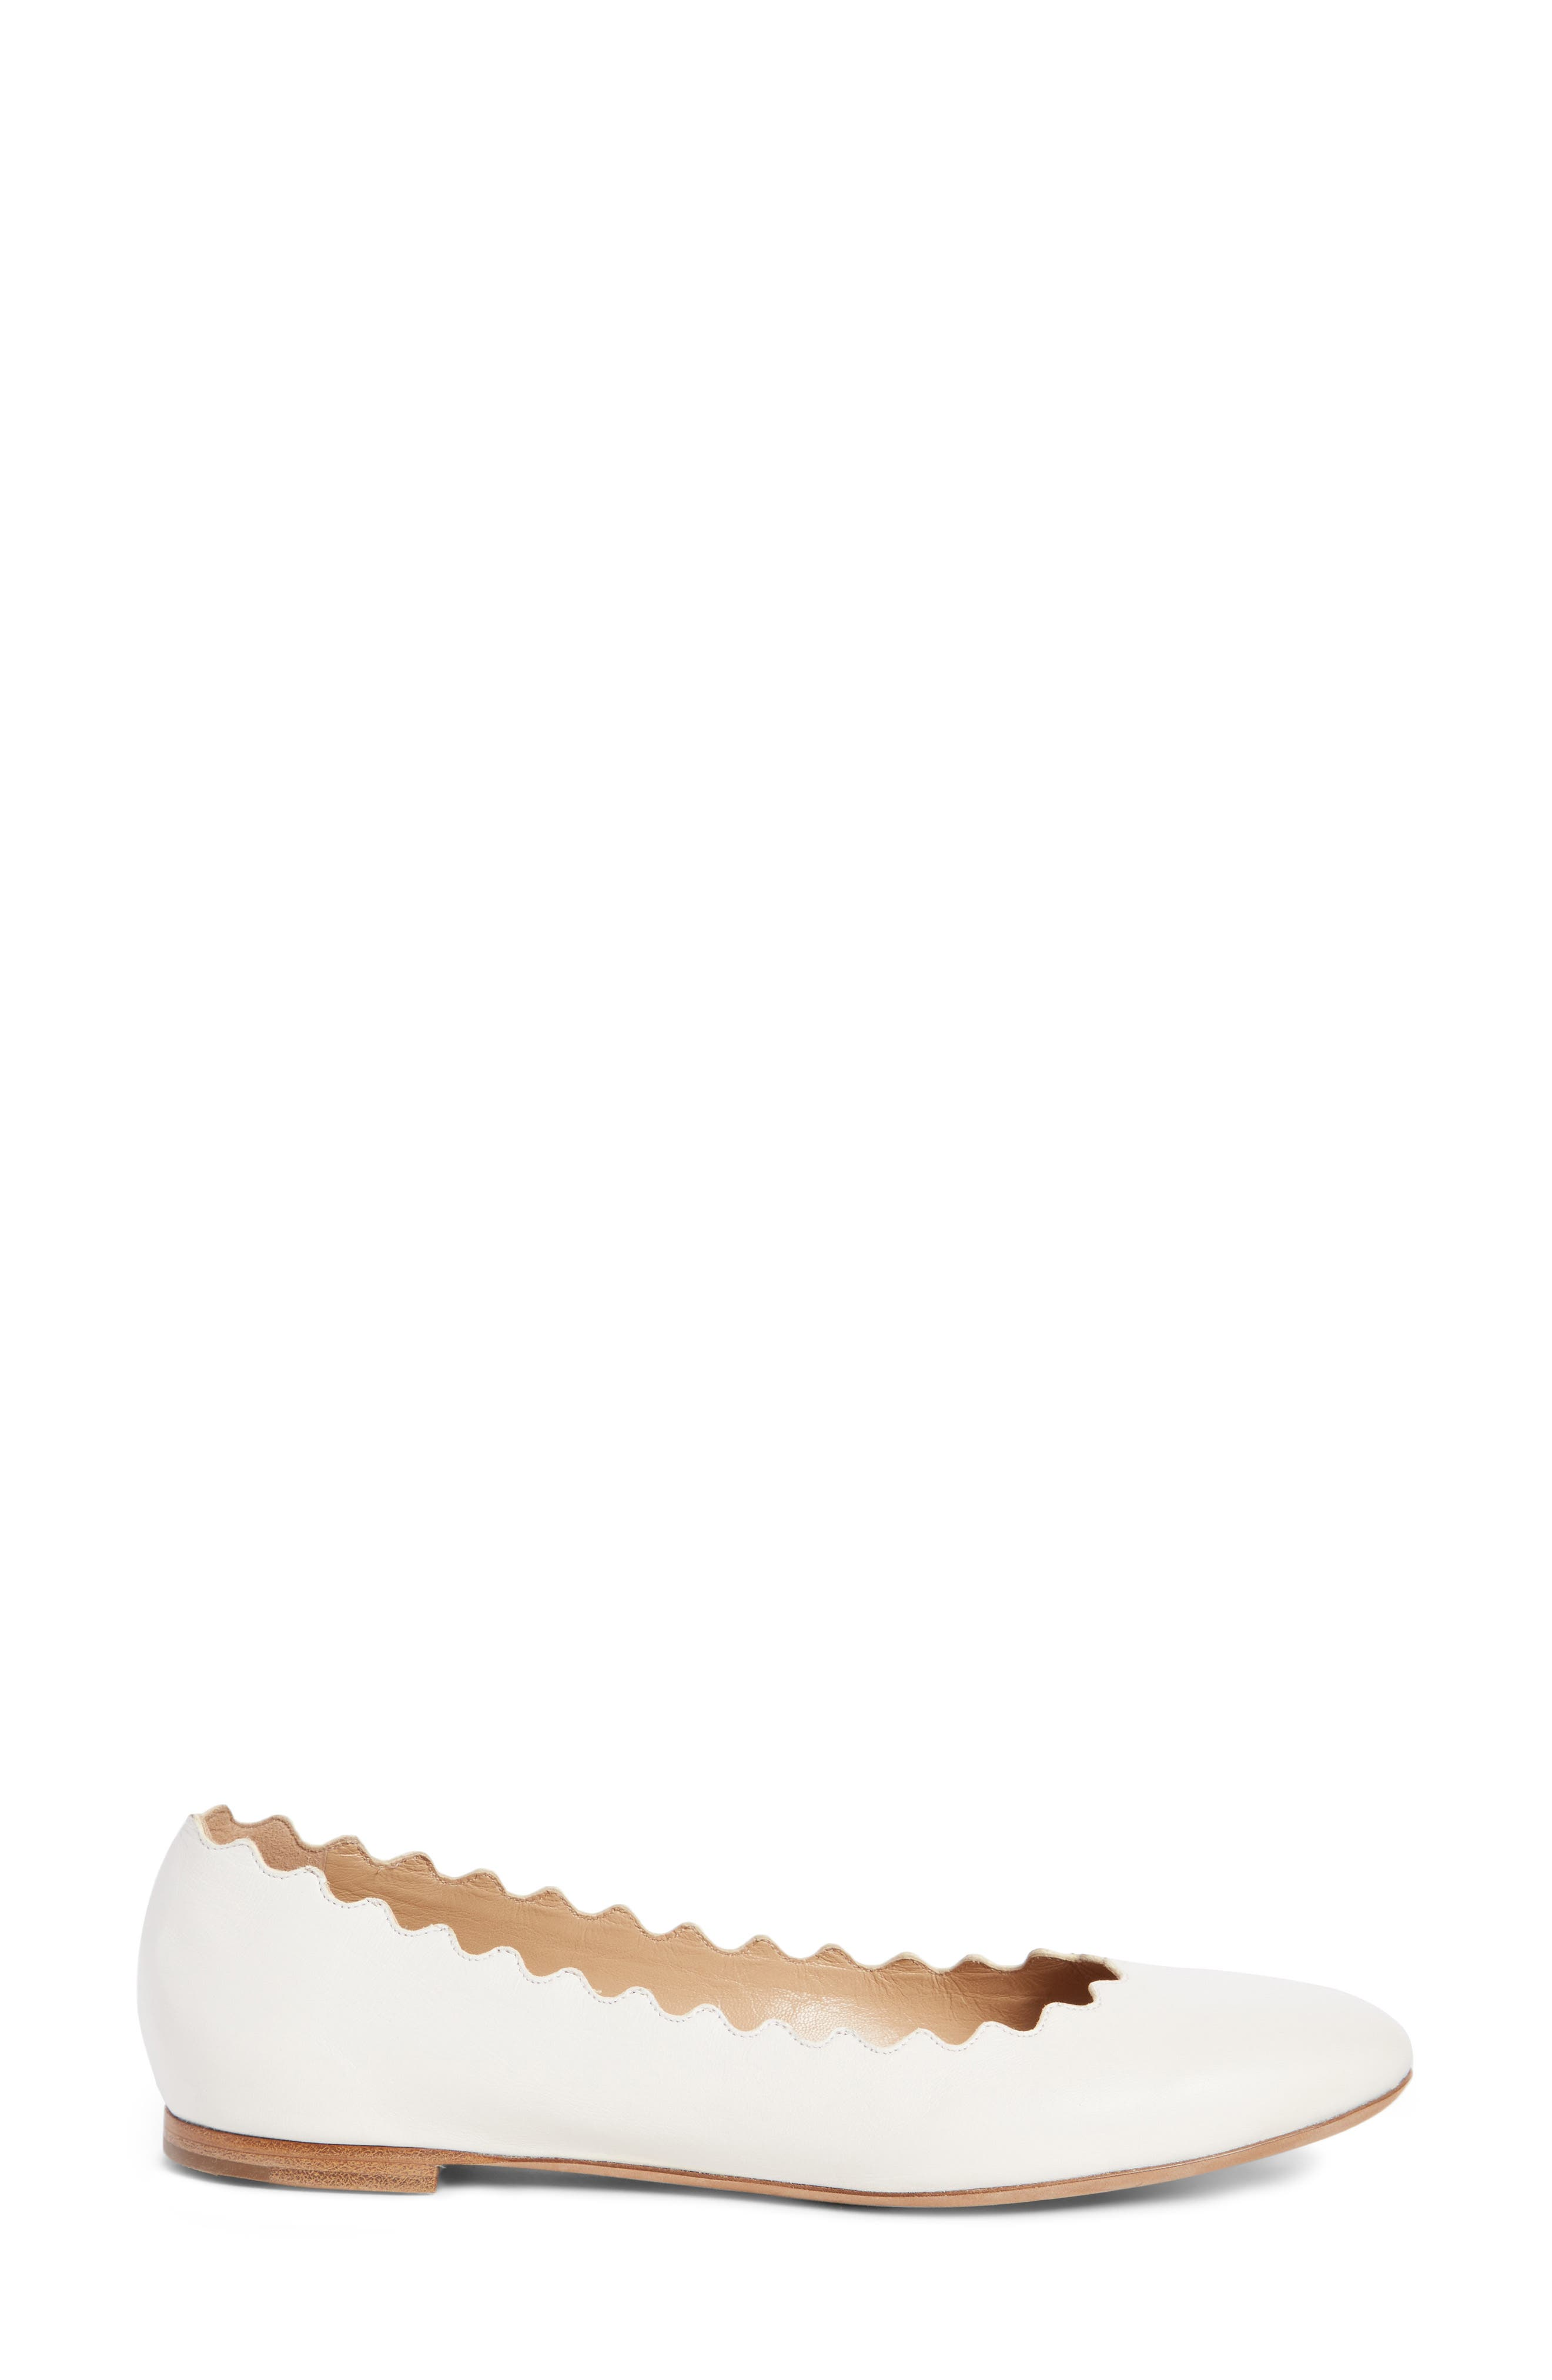 Alternate Image 4  - Chloé 'Lauren' Scalloped Ballet Flat (Women)